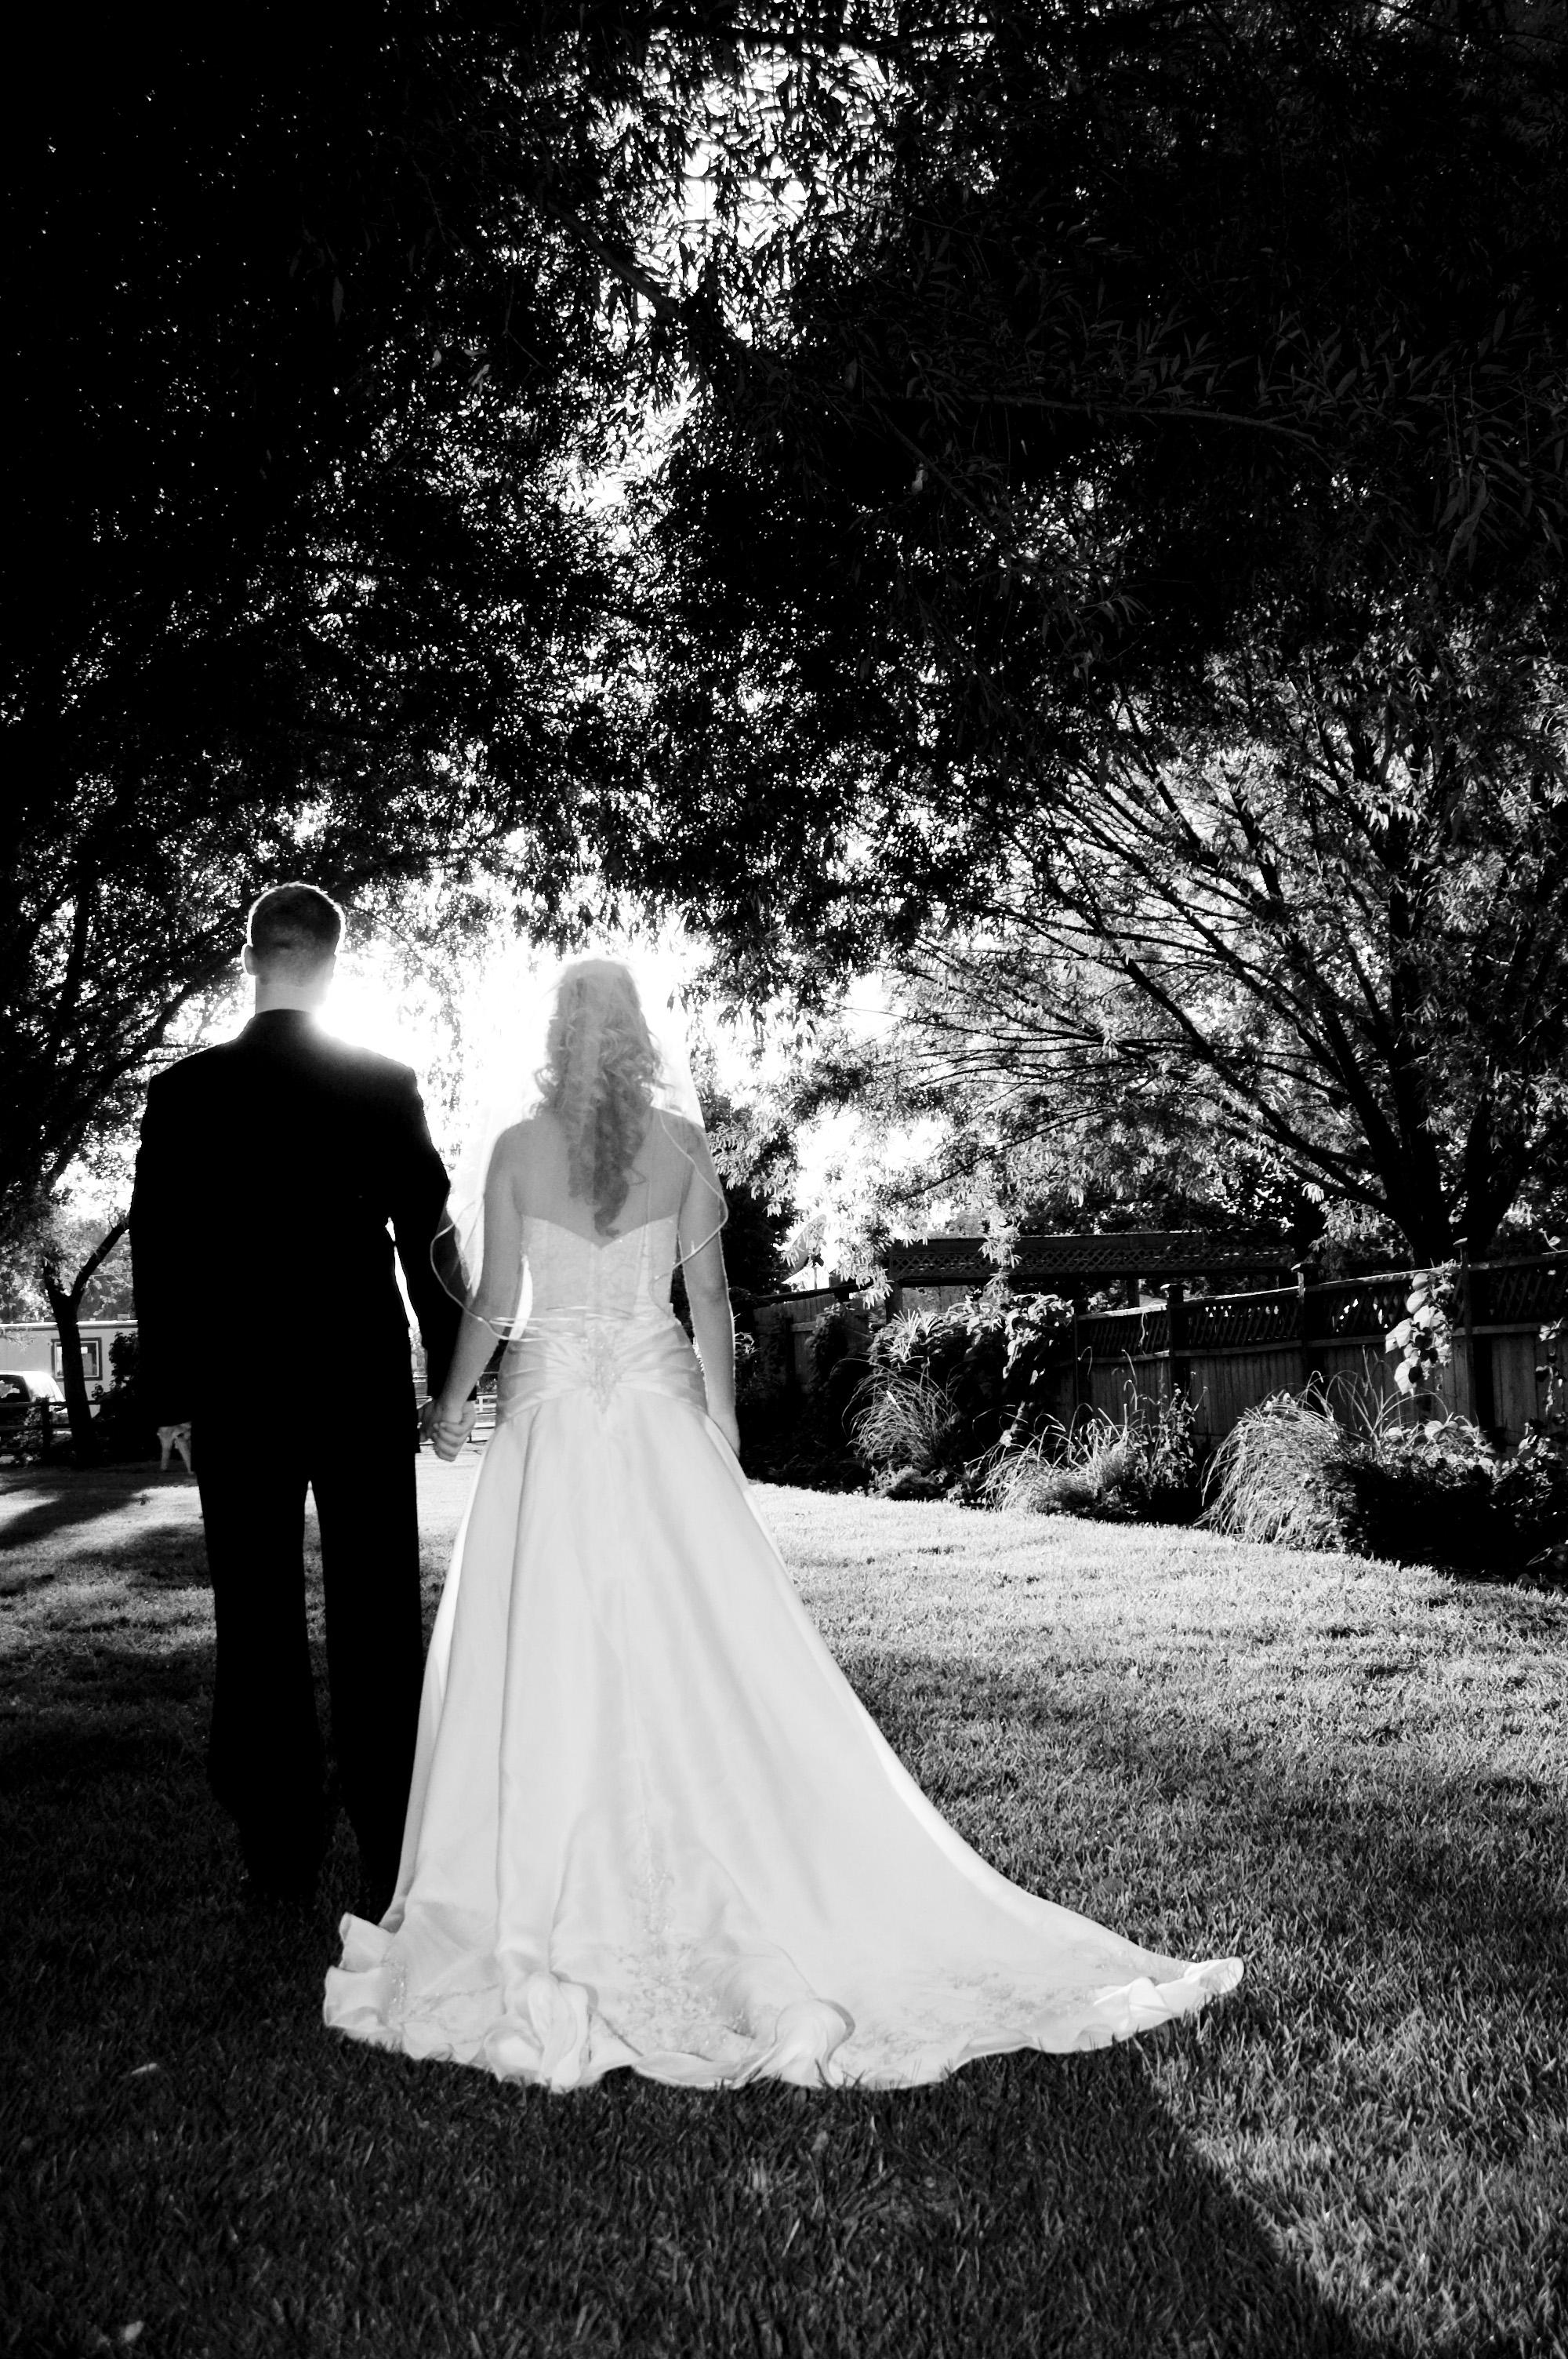 zdjęcia ślubne czarno-białe